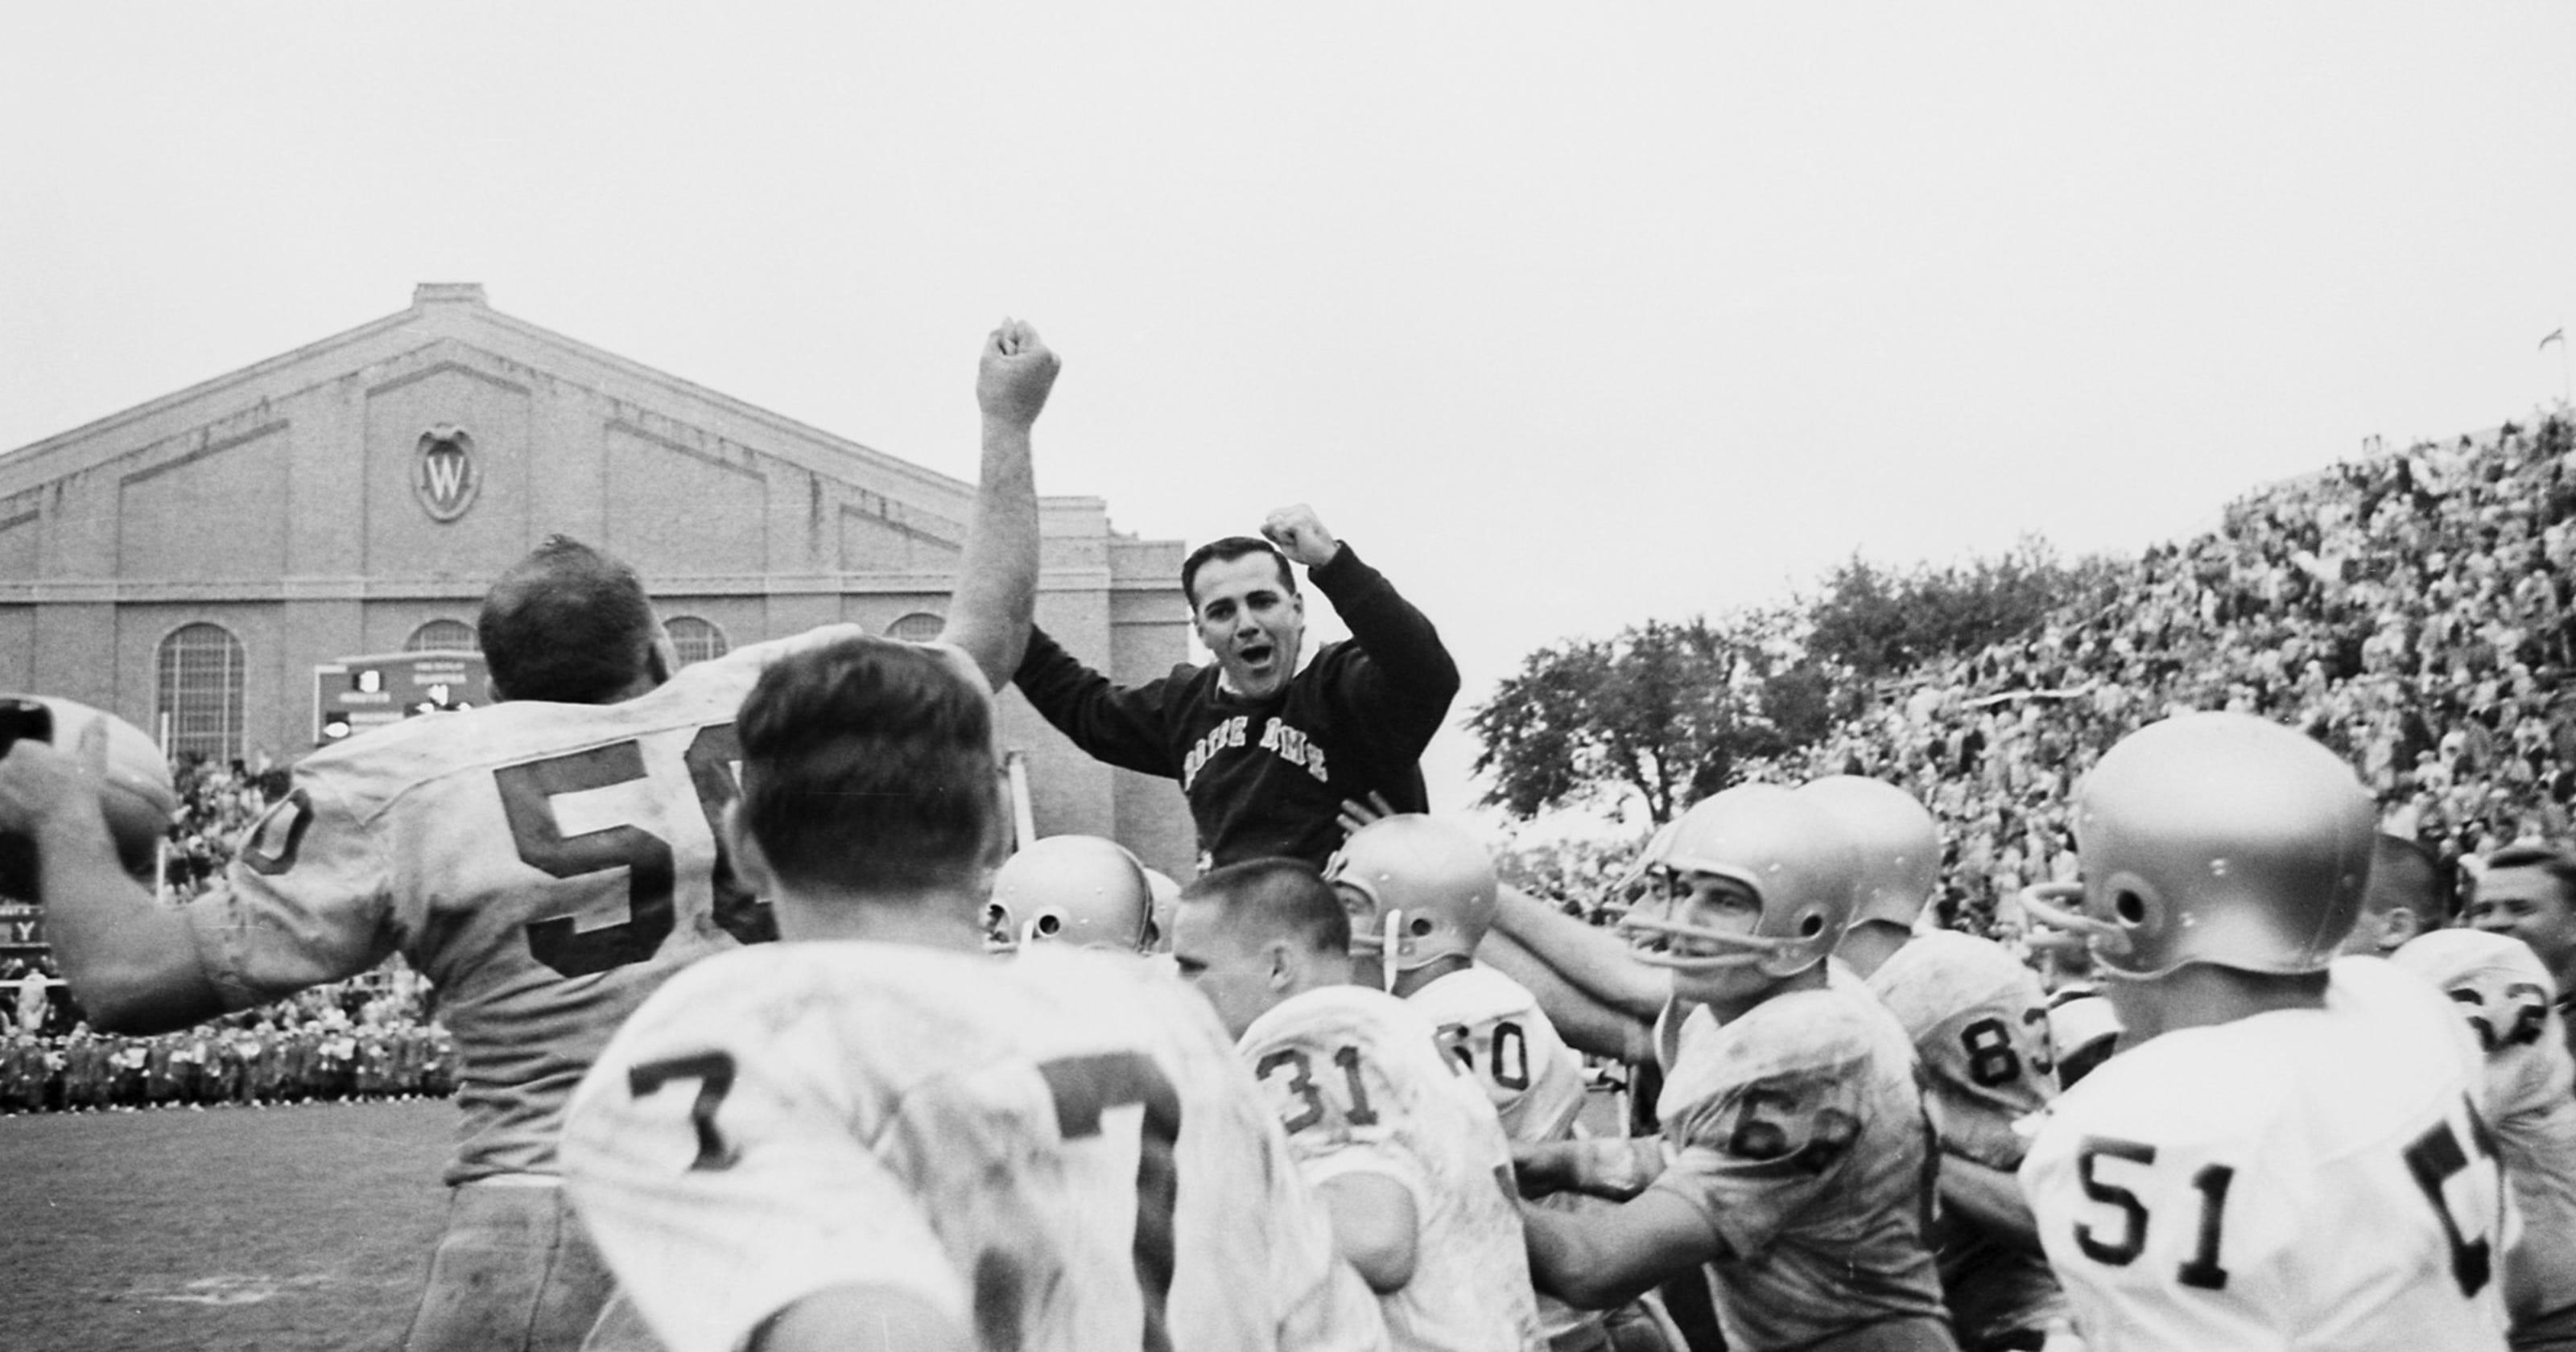 05296ca2b74 Former Notre Dame coach Ara Parseghian dies at 94